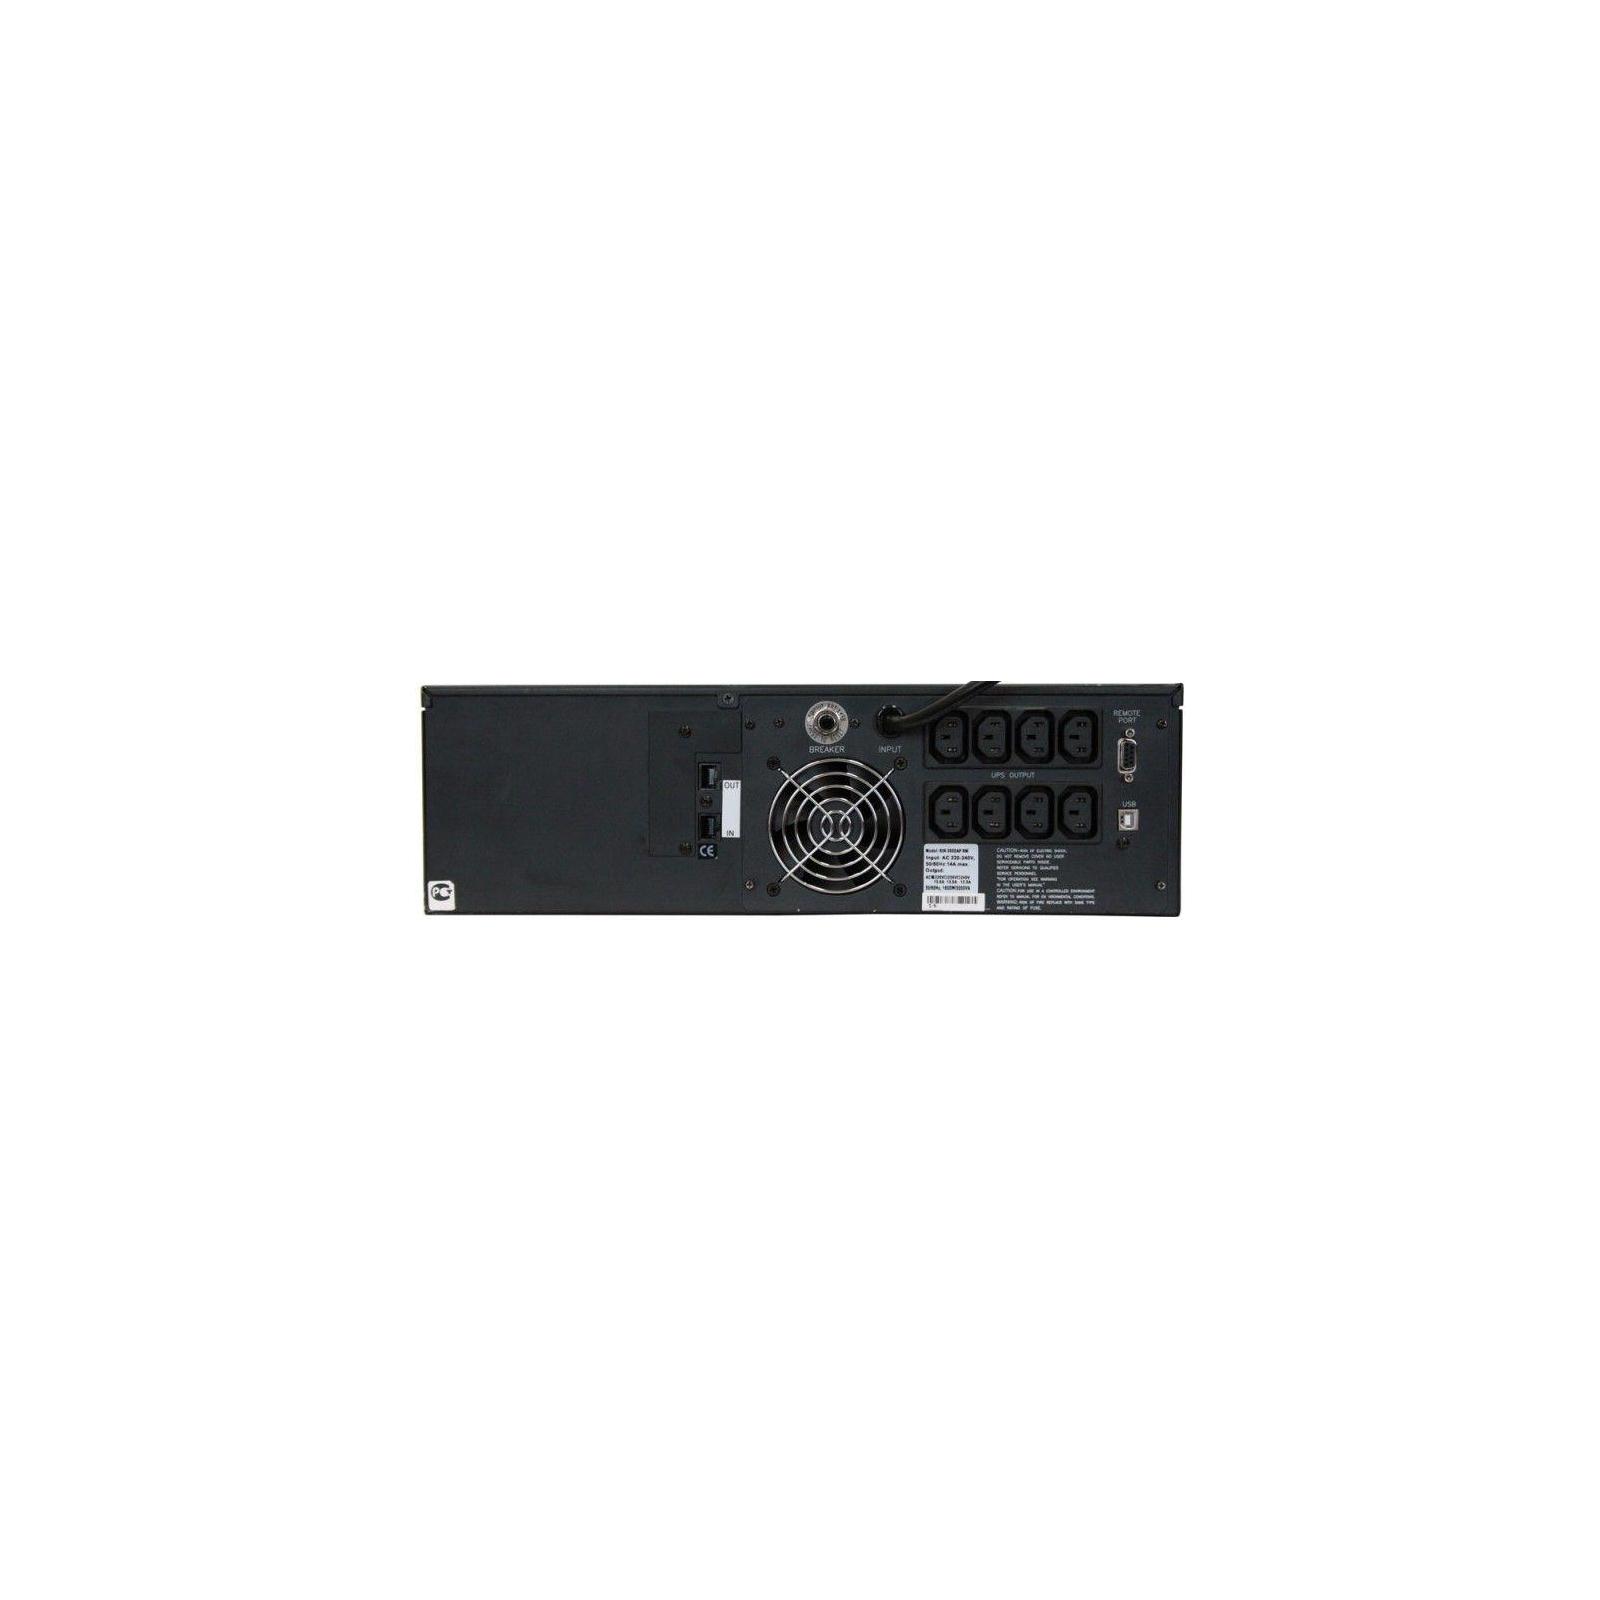 Источник бесперебойного питания KIN-2200 AP Powercom (KIN-2200 AP RM 3U) изображение 3